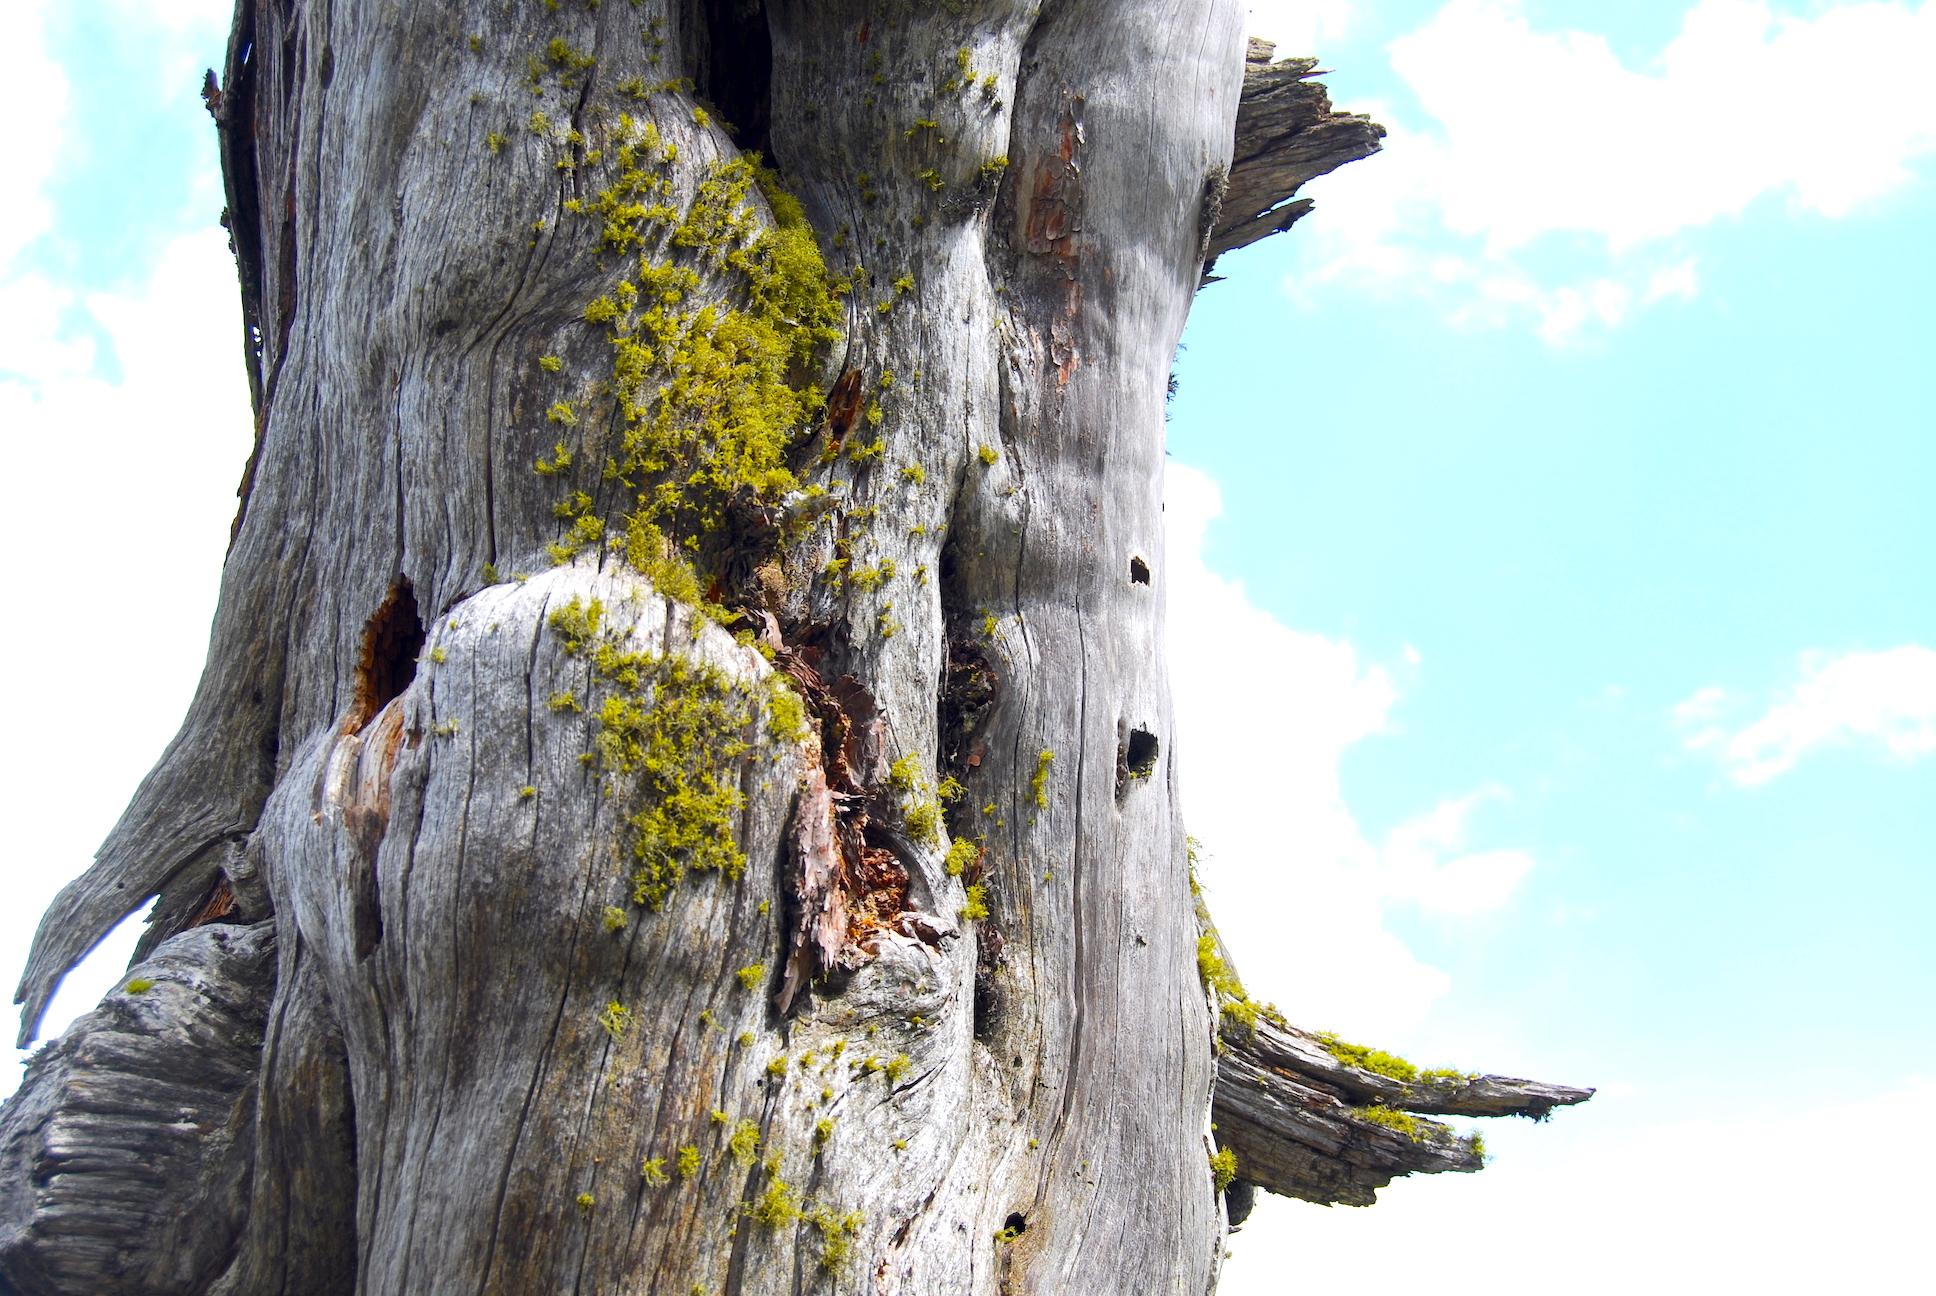 Letharia vulpina en la Sierra de Guadarrama